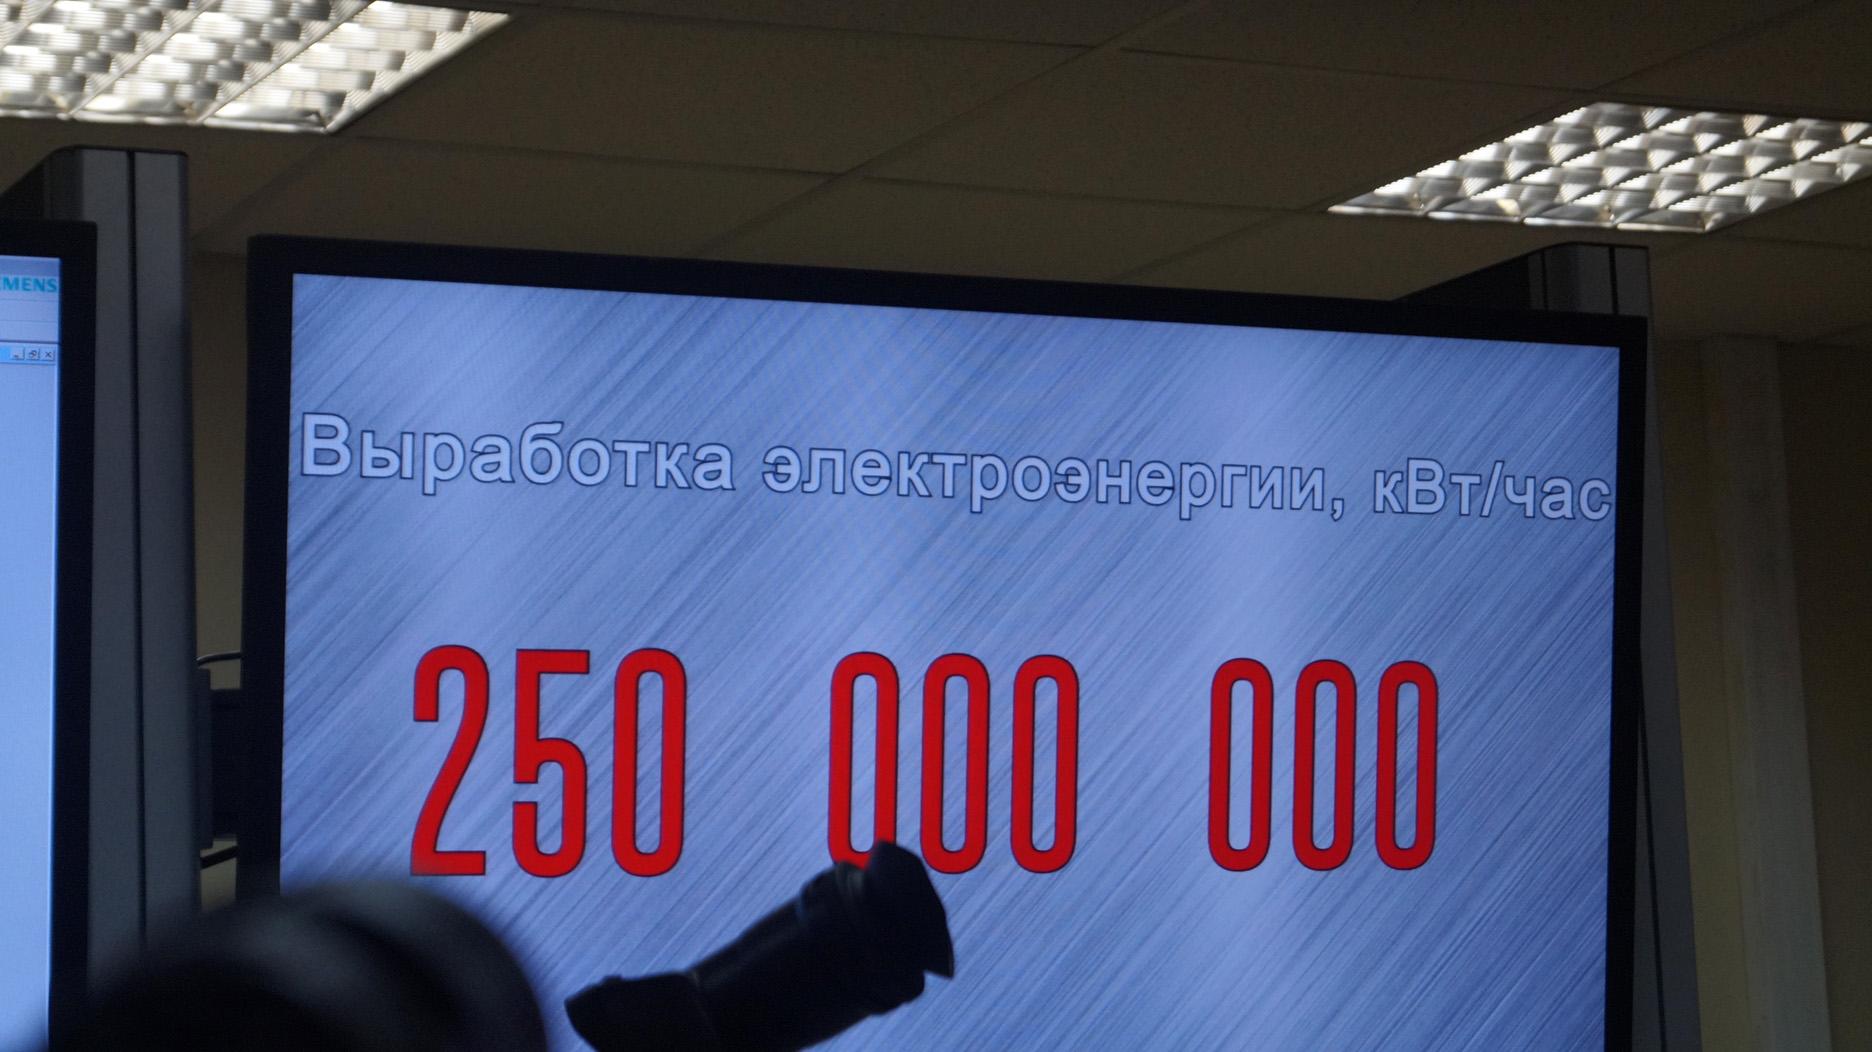 Олег Кувшинников: Через 15 лет Вологодская область будет полностью обеспечивать себя электроэнергией